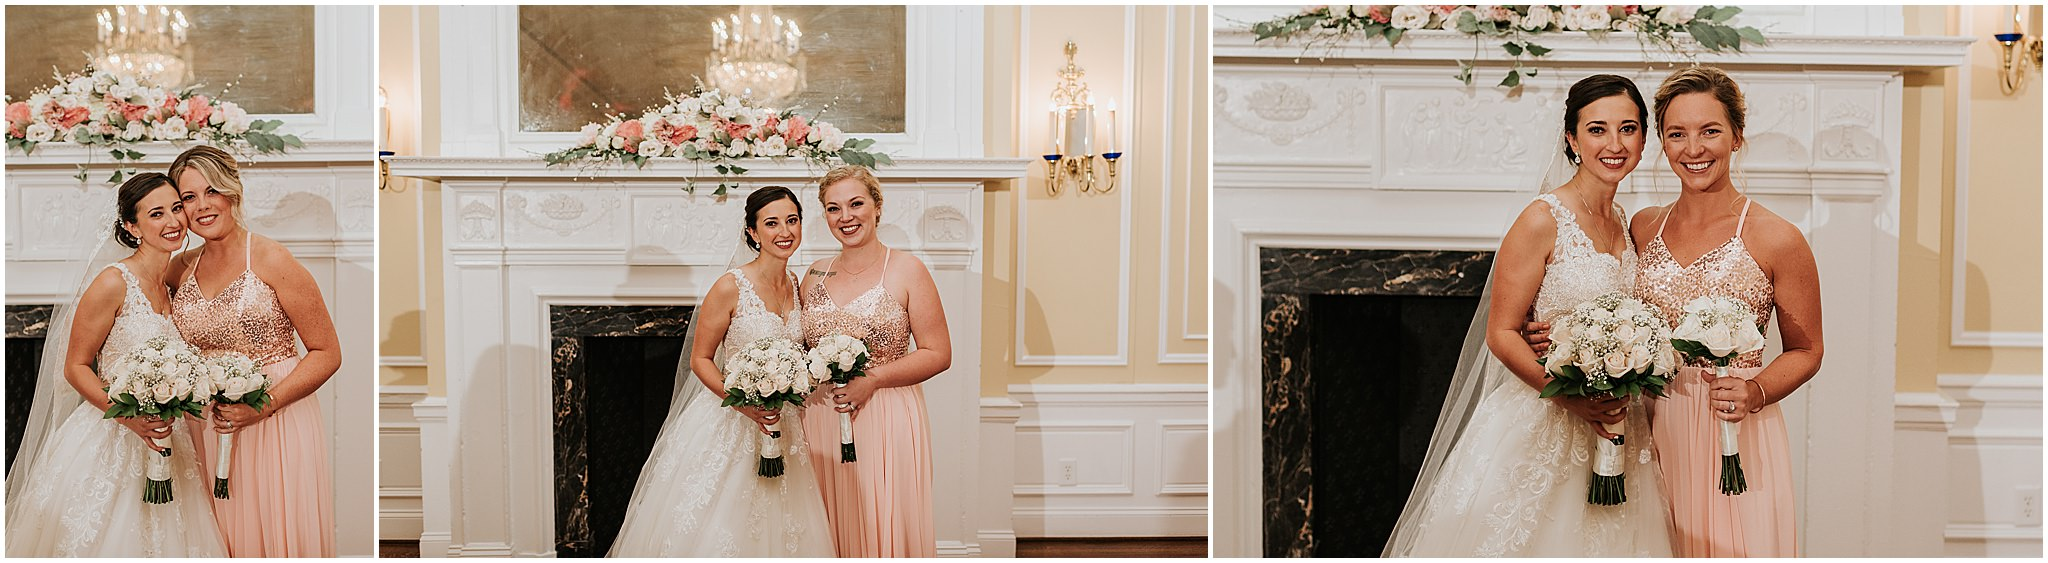 Maria & Brandon The Patrick Henry Ballroom Roanoke VA 286